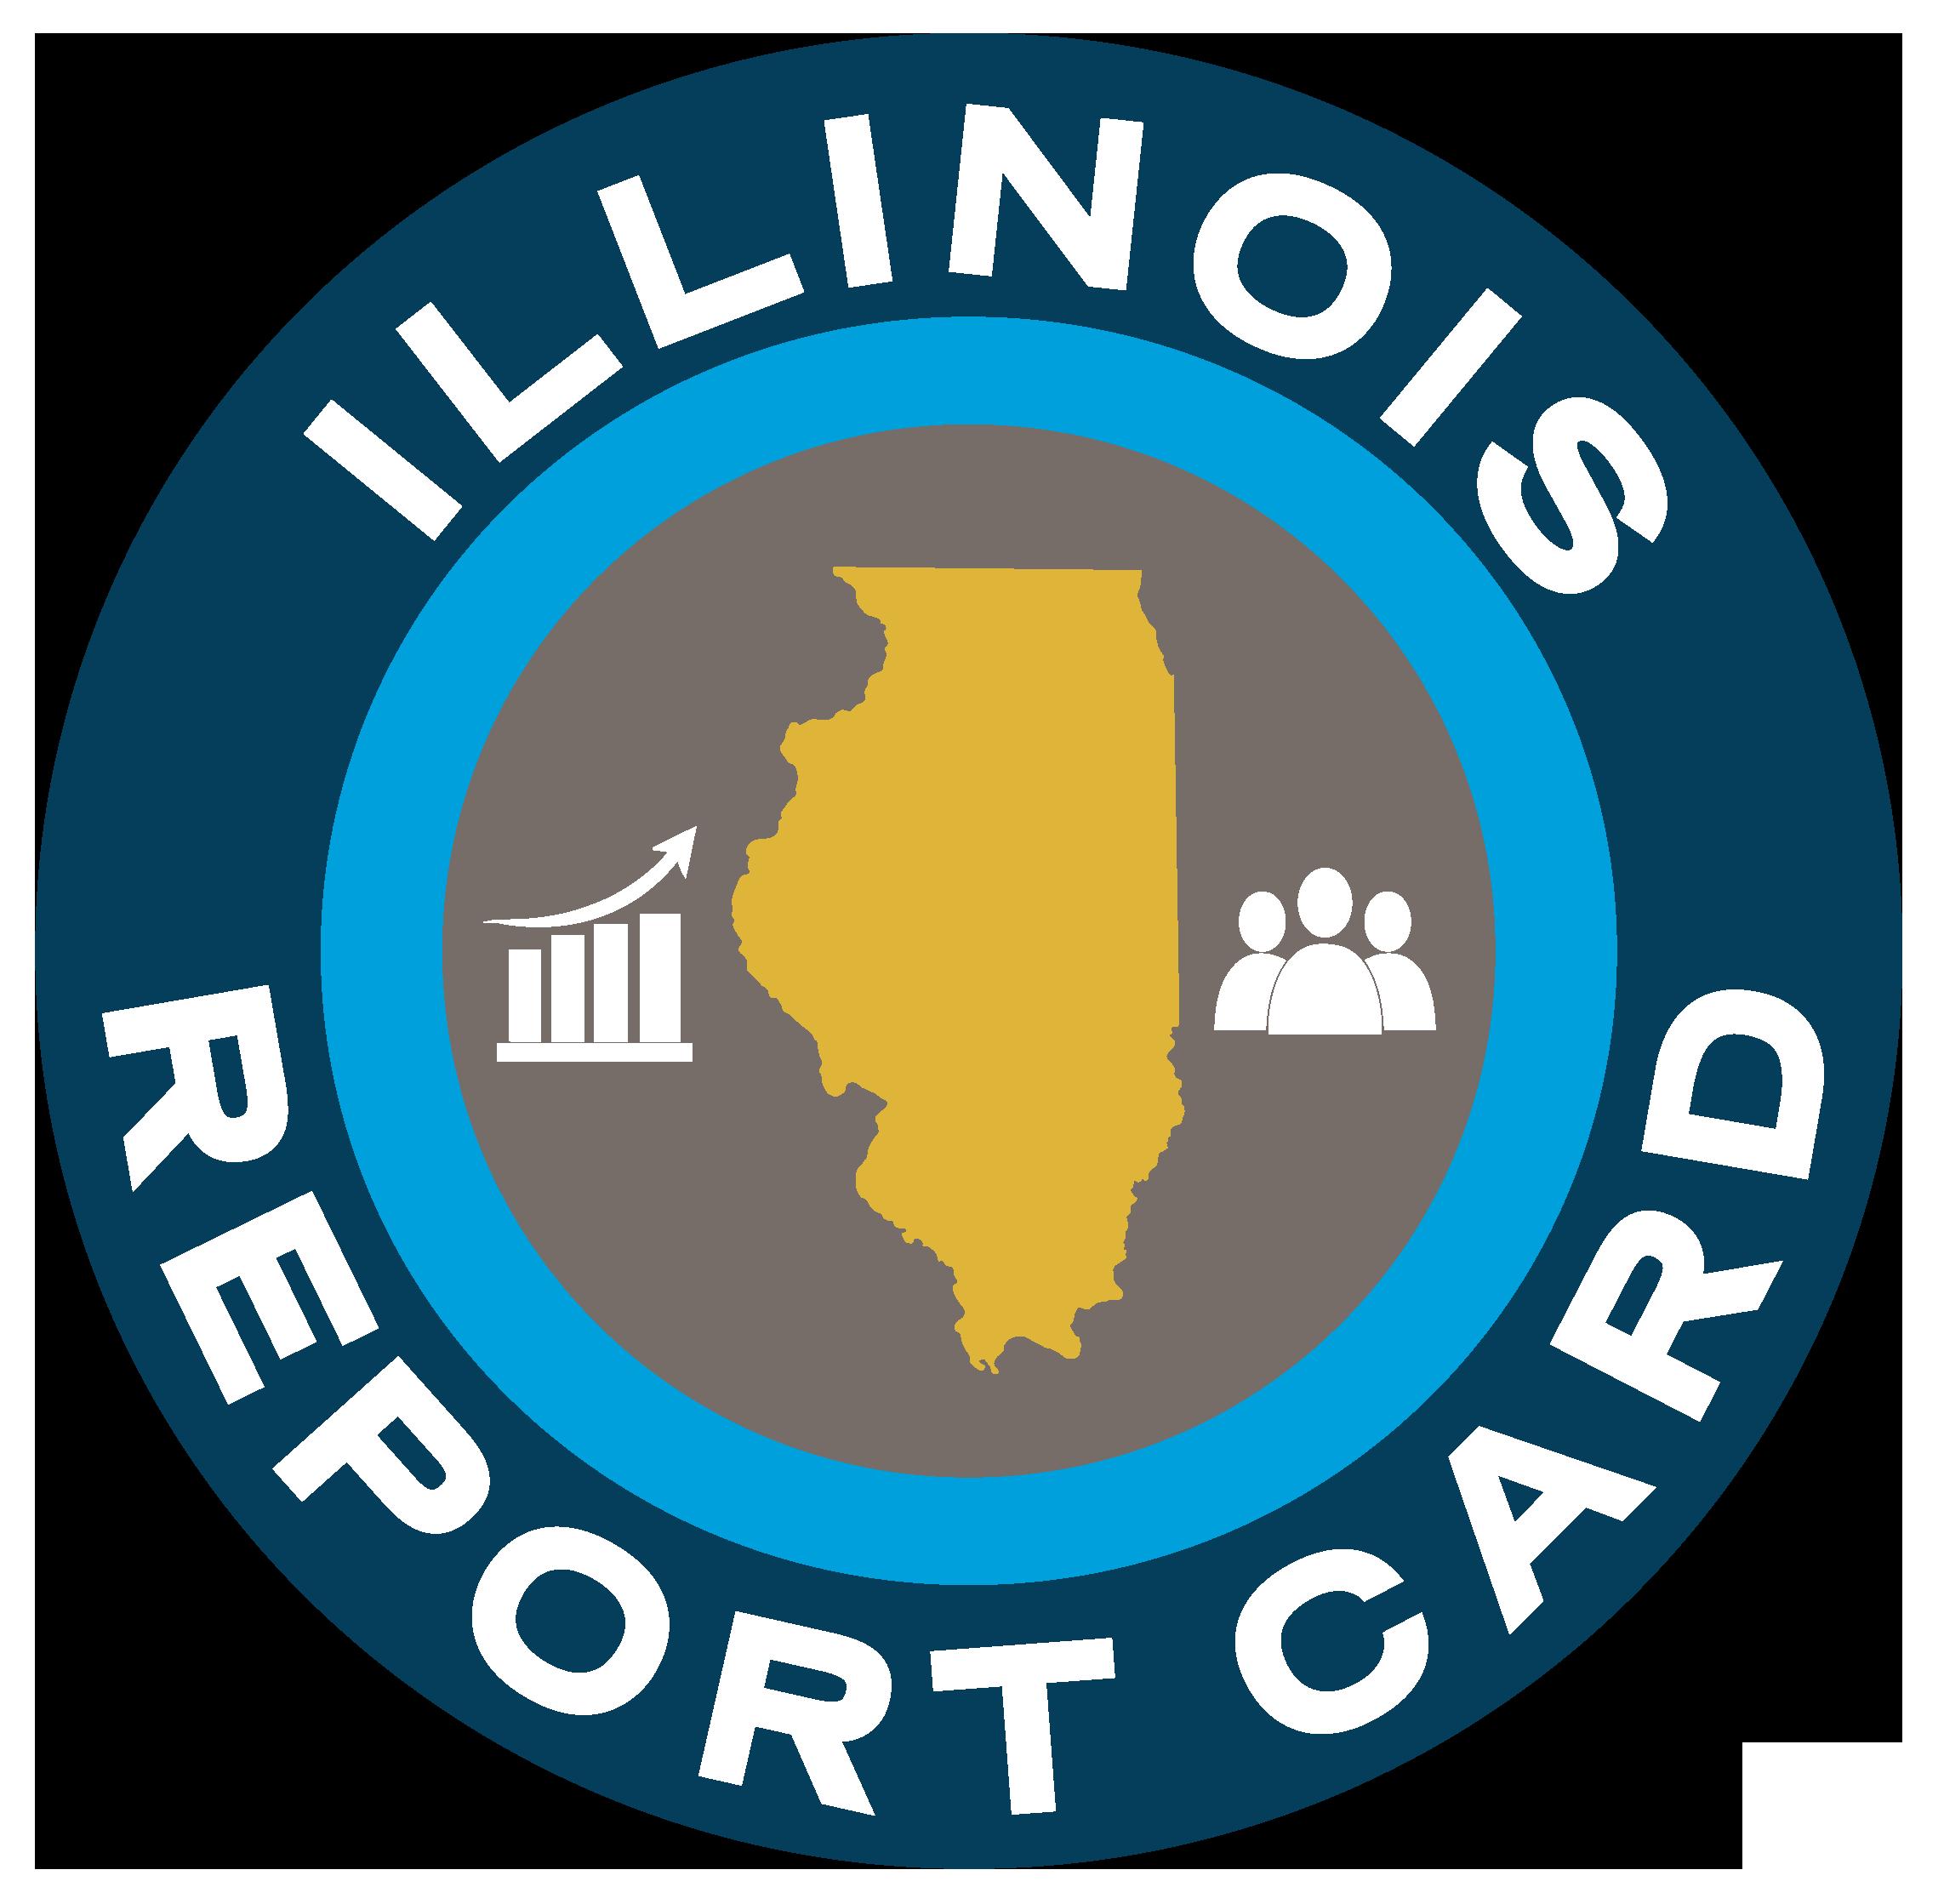 Report card data further underscores gap in 'growth' between Chicago schools, communities